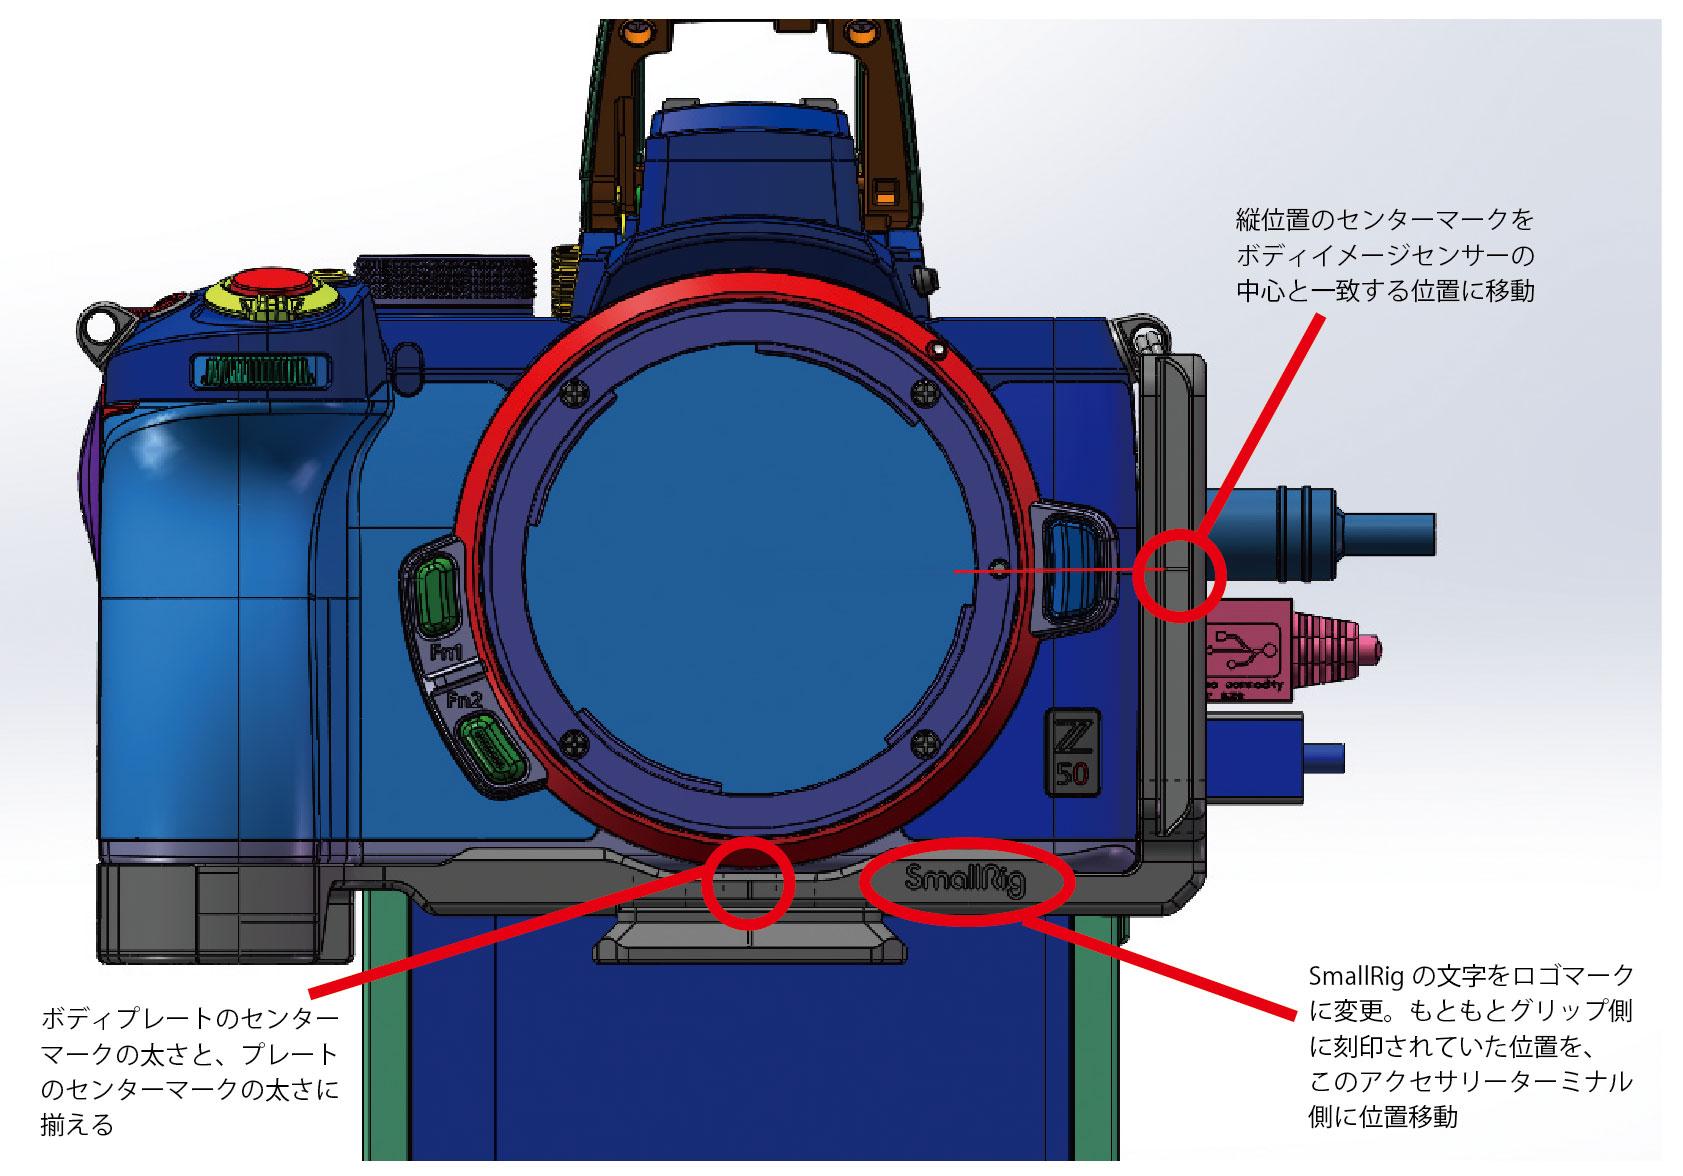 アルカスイス互換 Nikon Z50 専用 オリジナルLブラケット